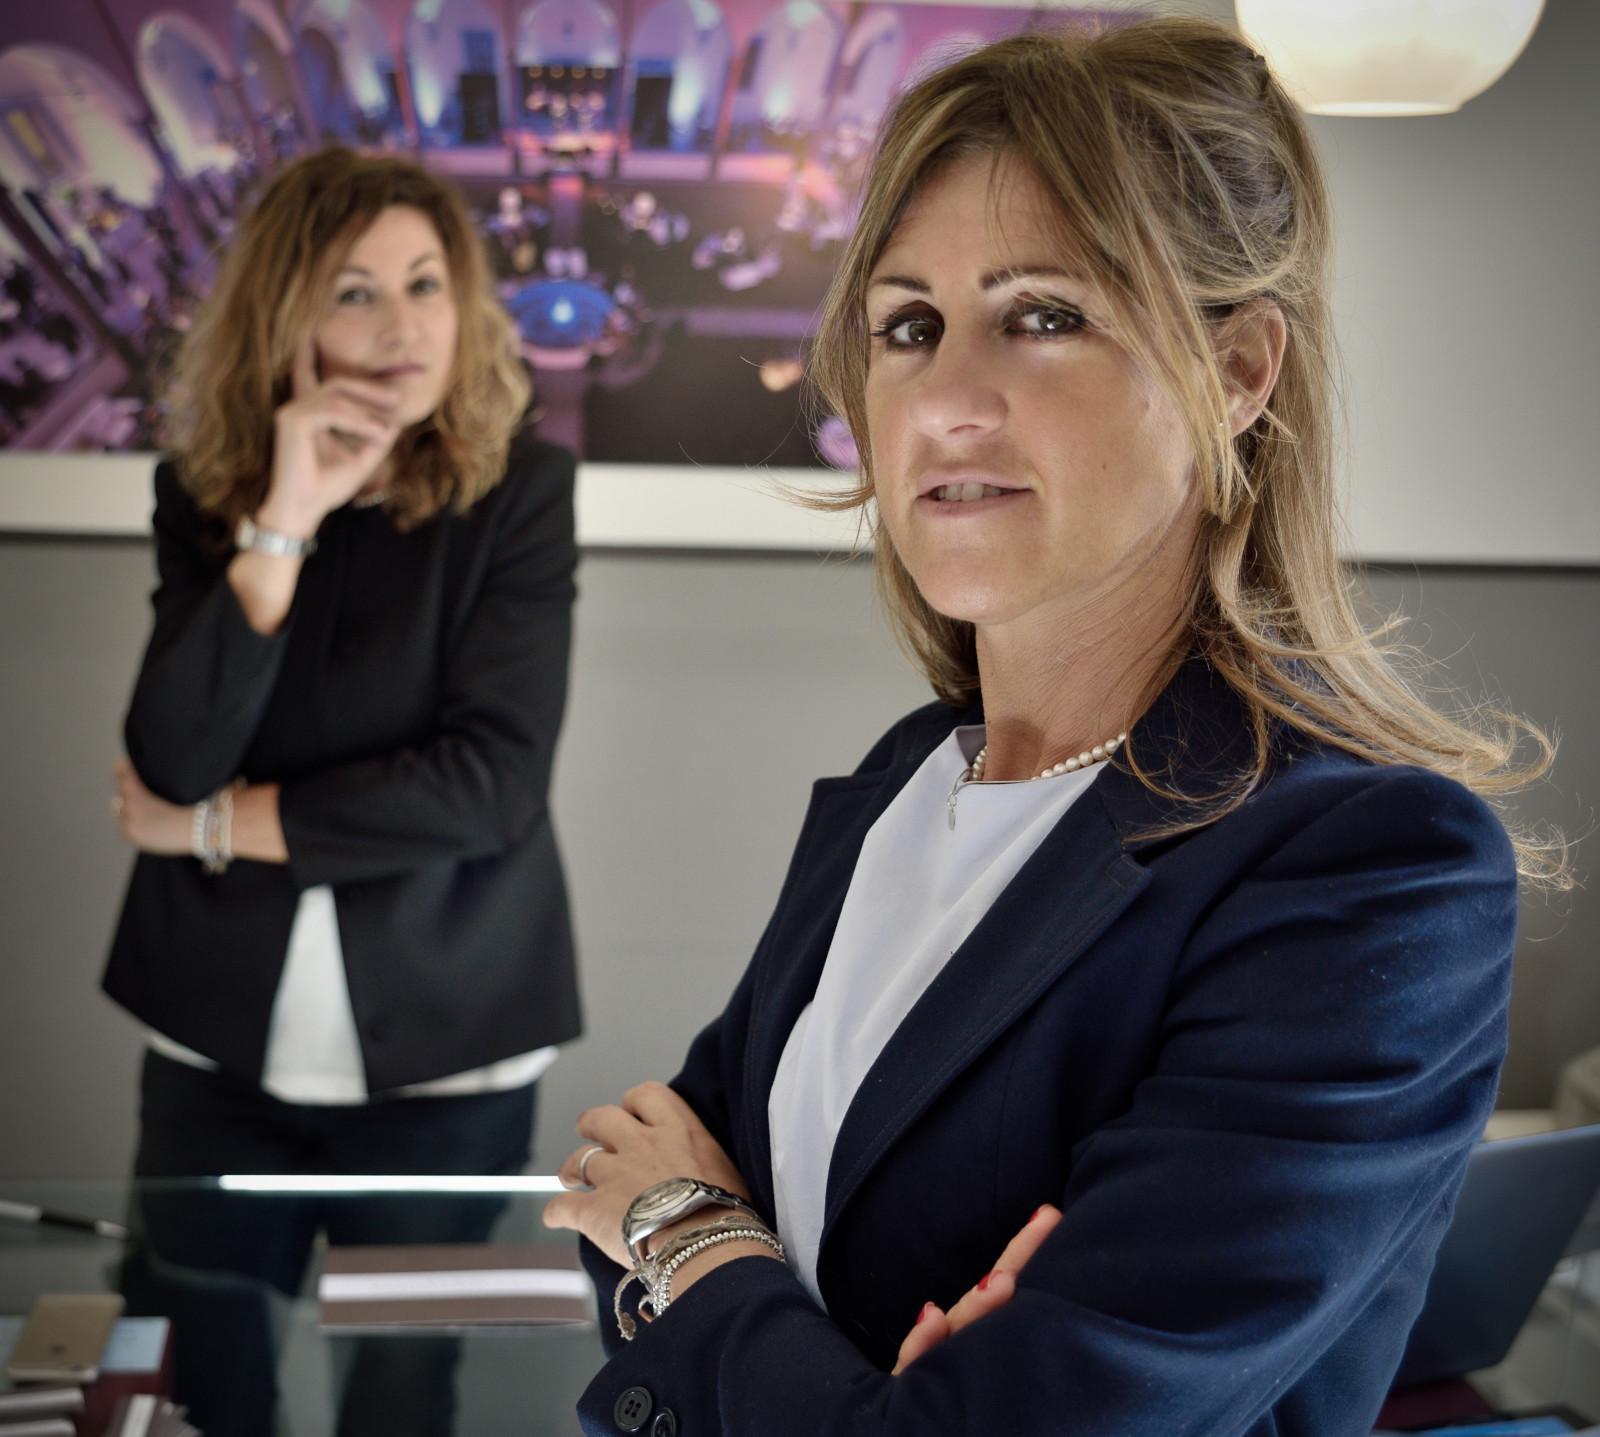 Benedetta  Bianchini - profile image